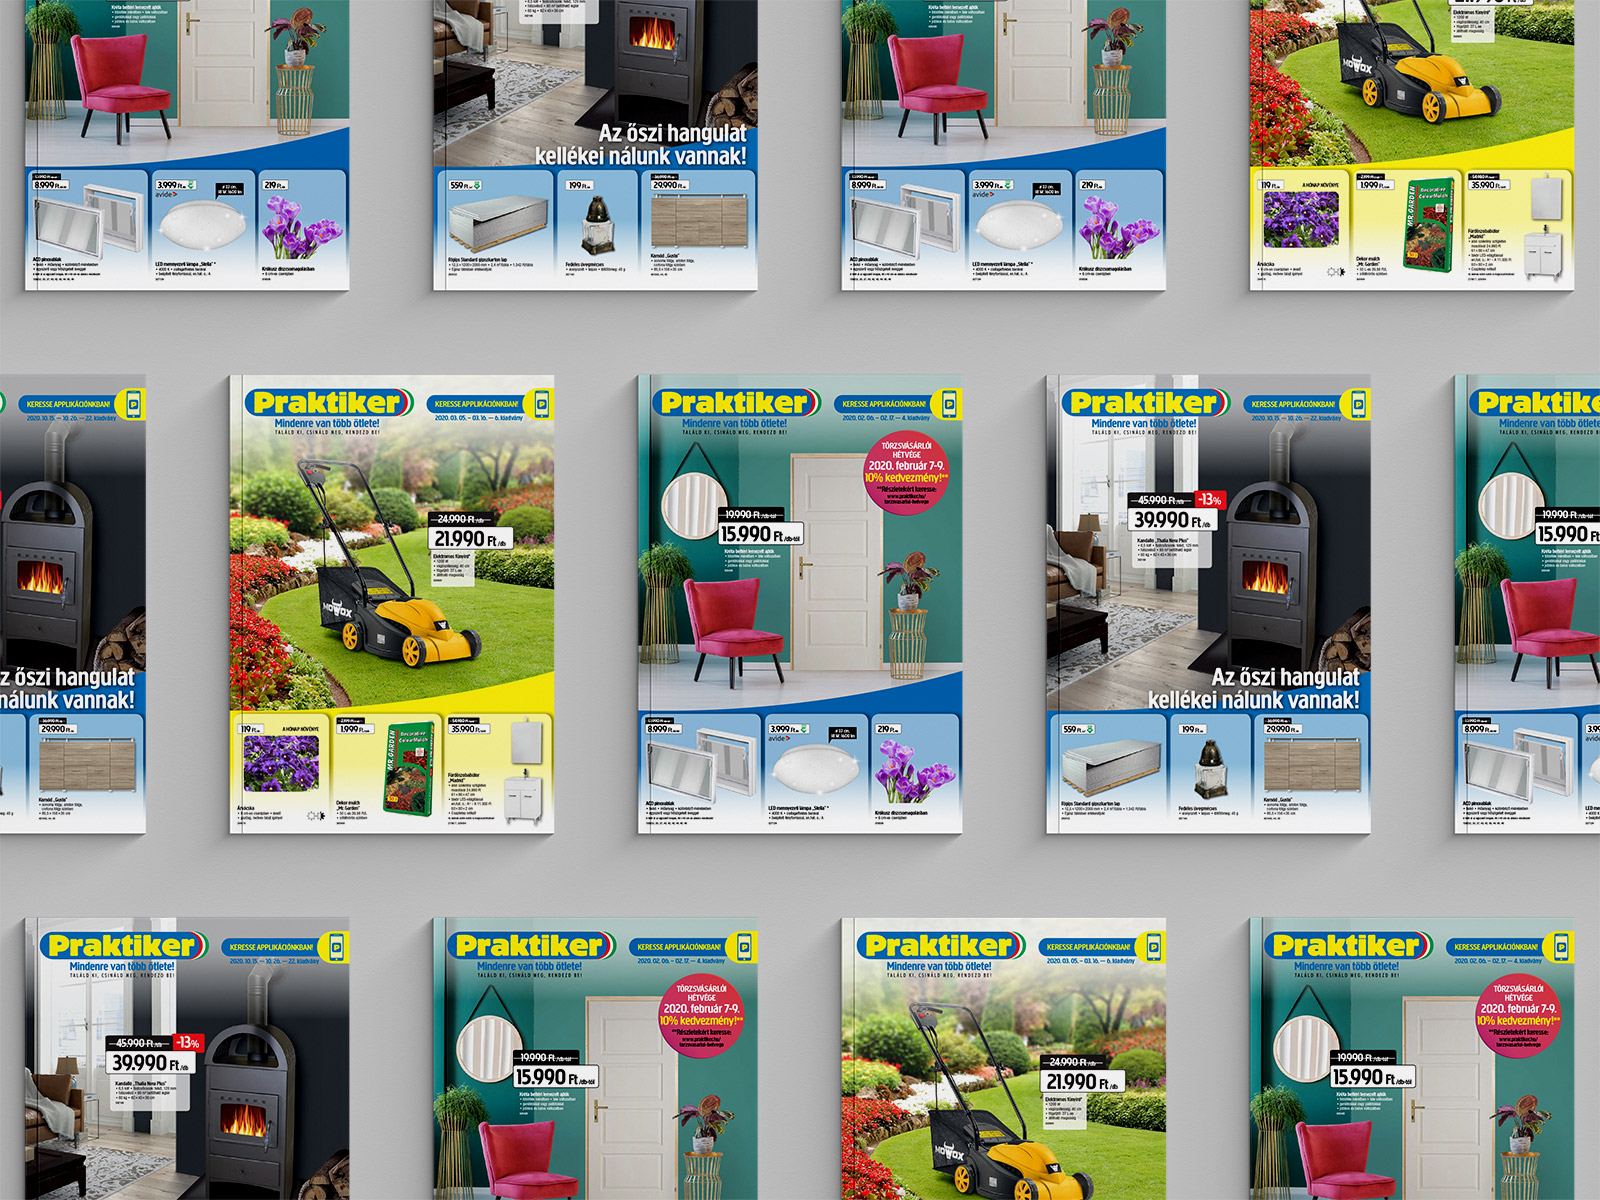 Sales promotion brochures for Praktiker